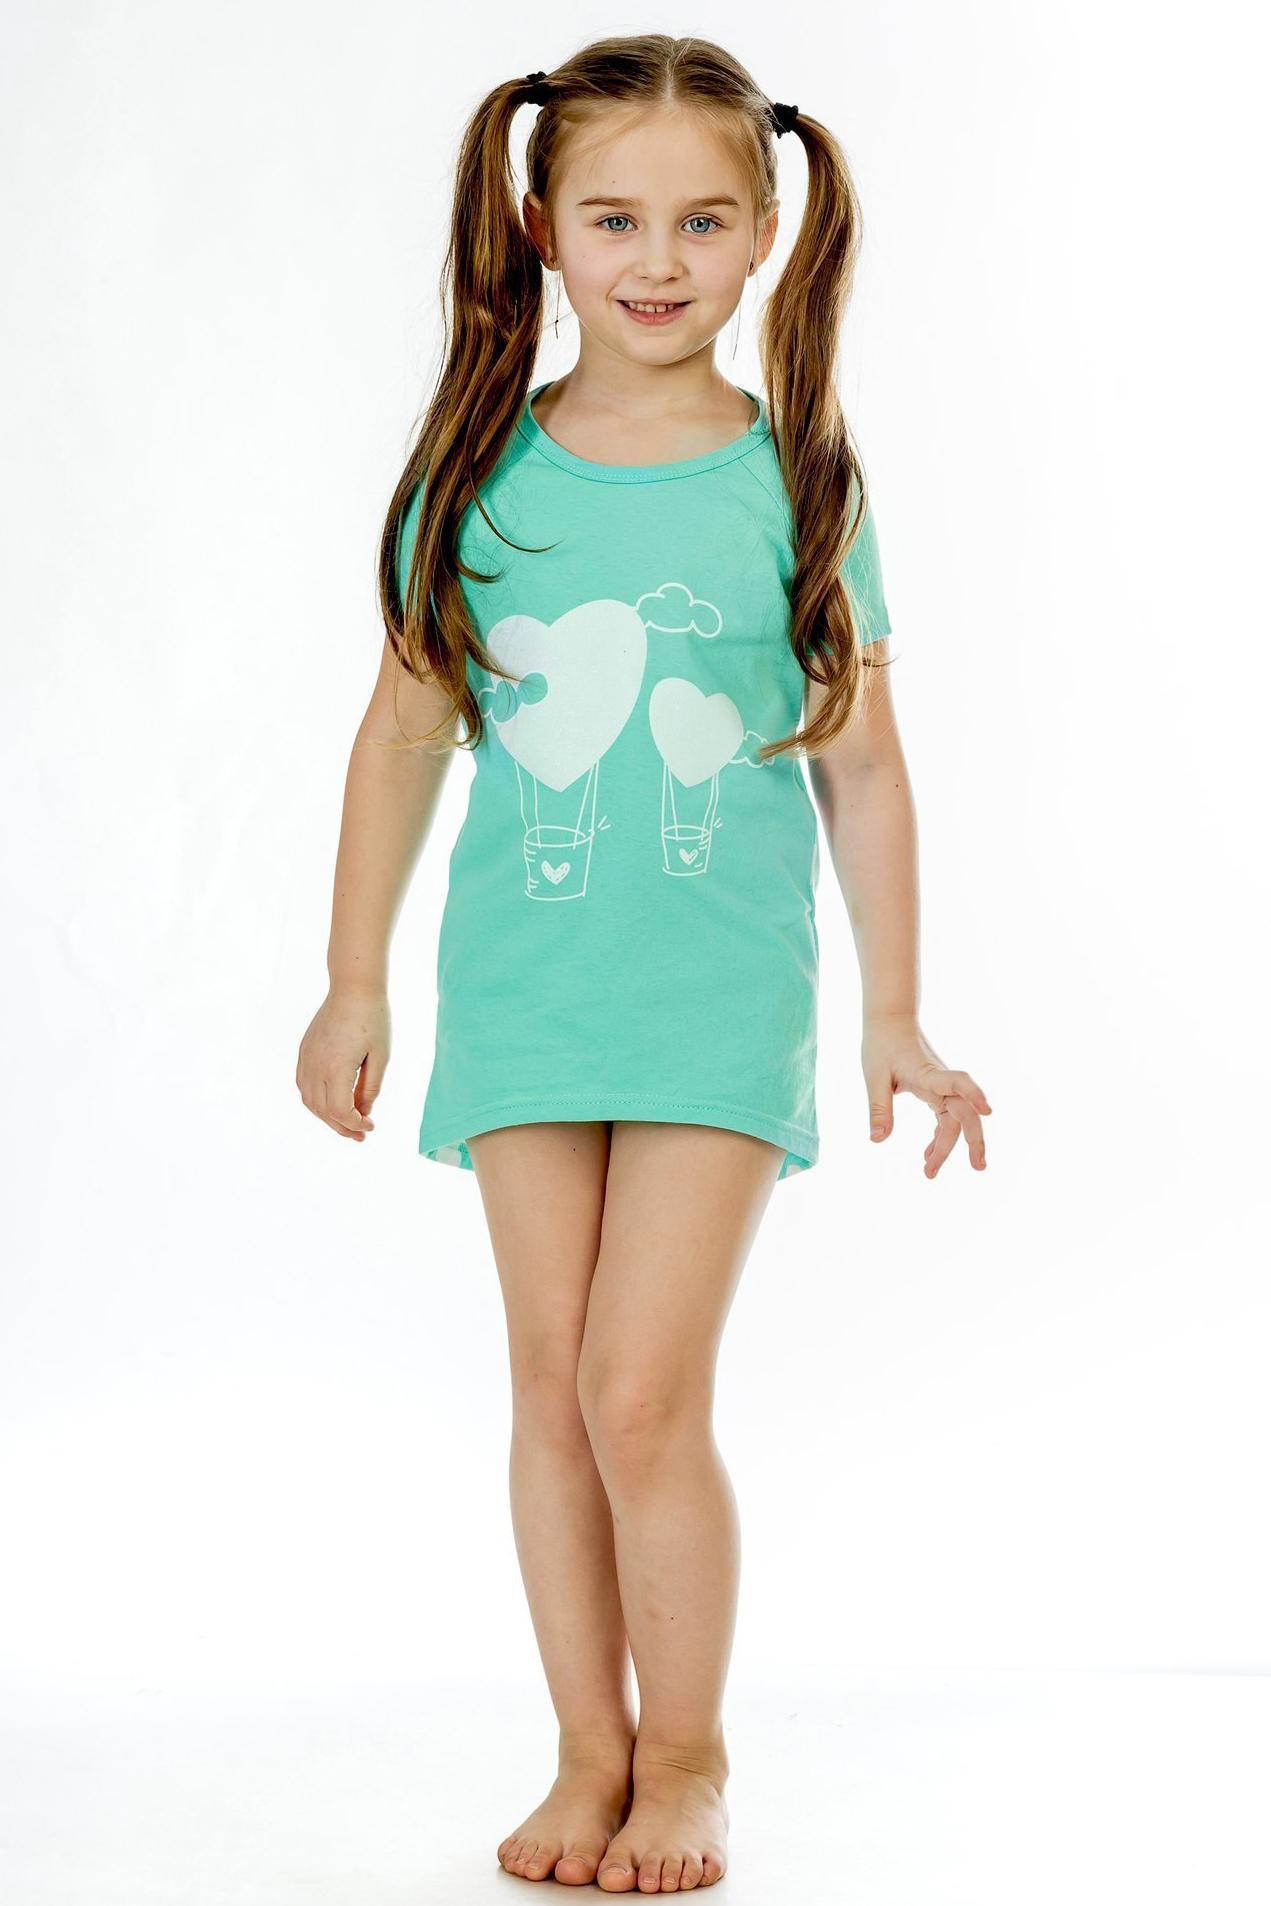 Детские туники, сарафаны Pastilla Туника Стелла Цвет: Ментол (7 лет) купить часы мальчику 7 лет